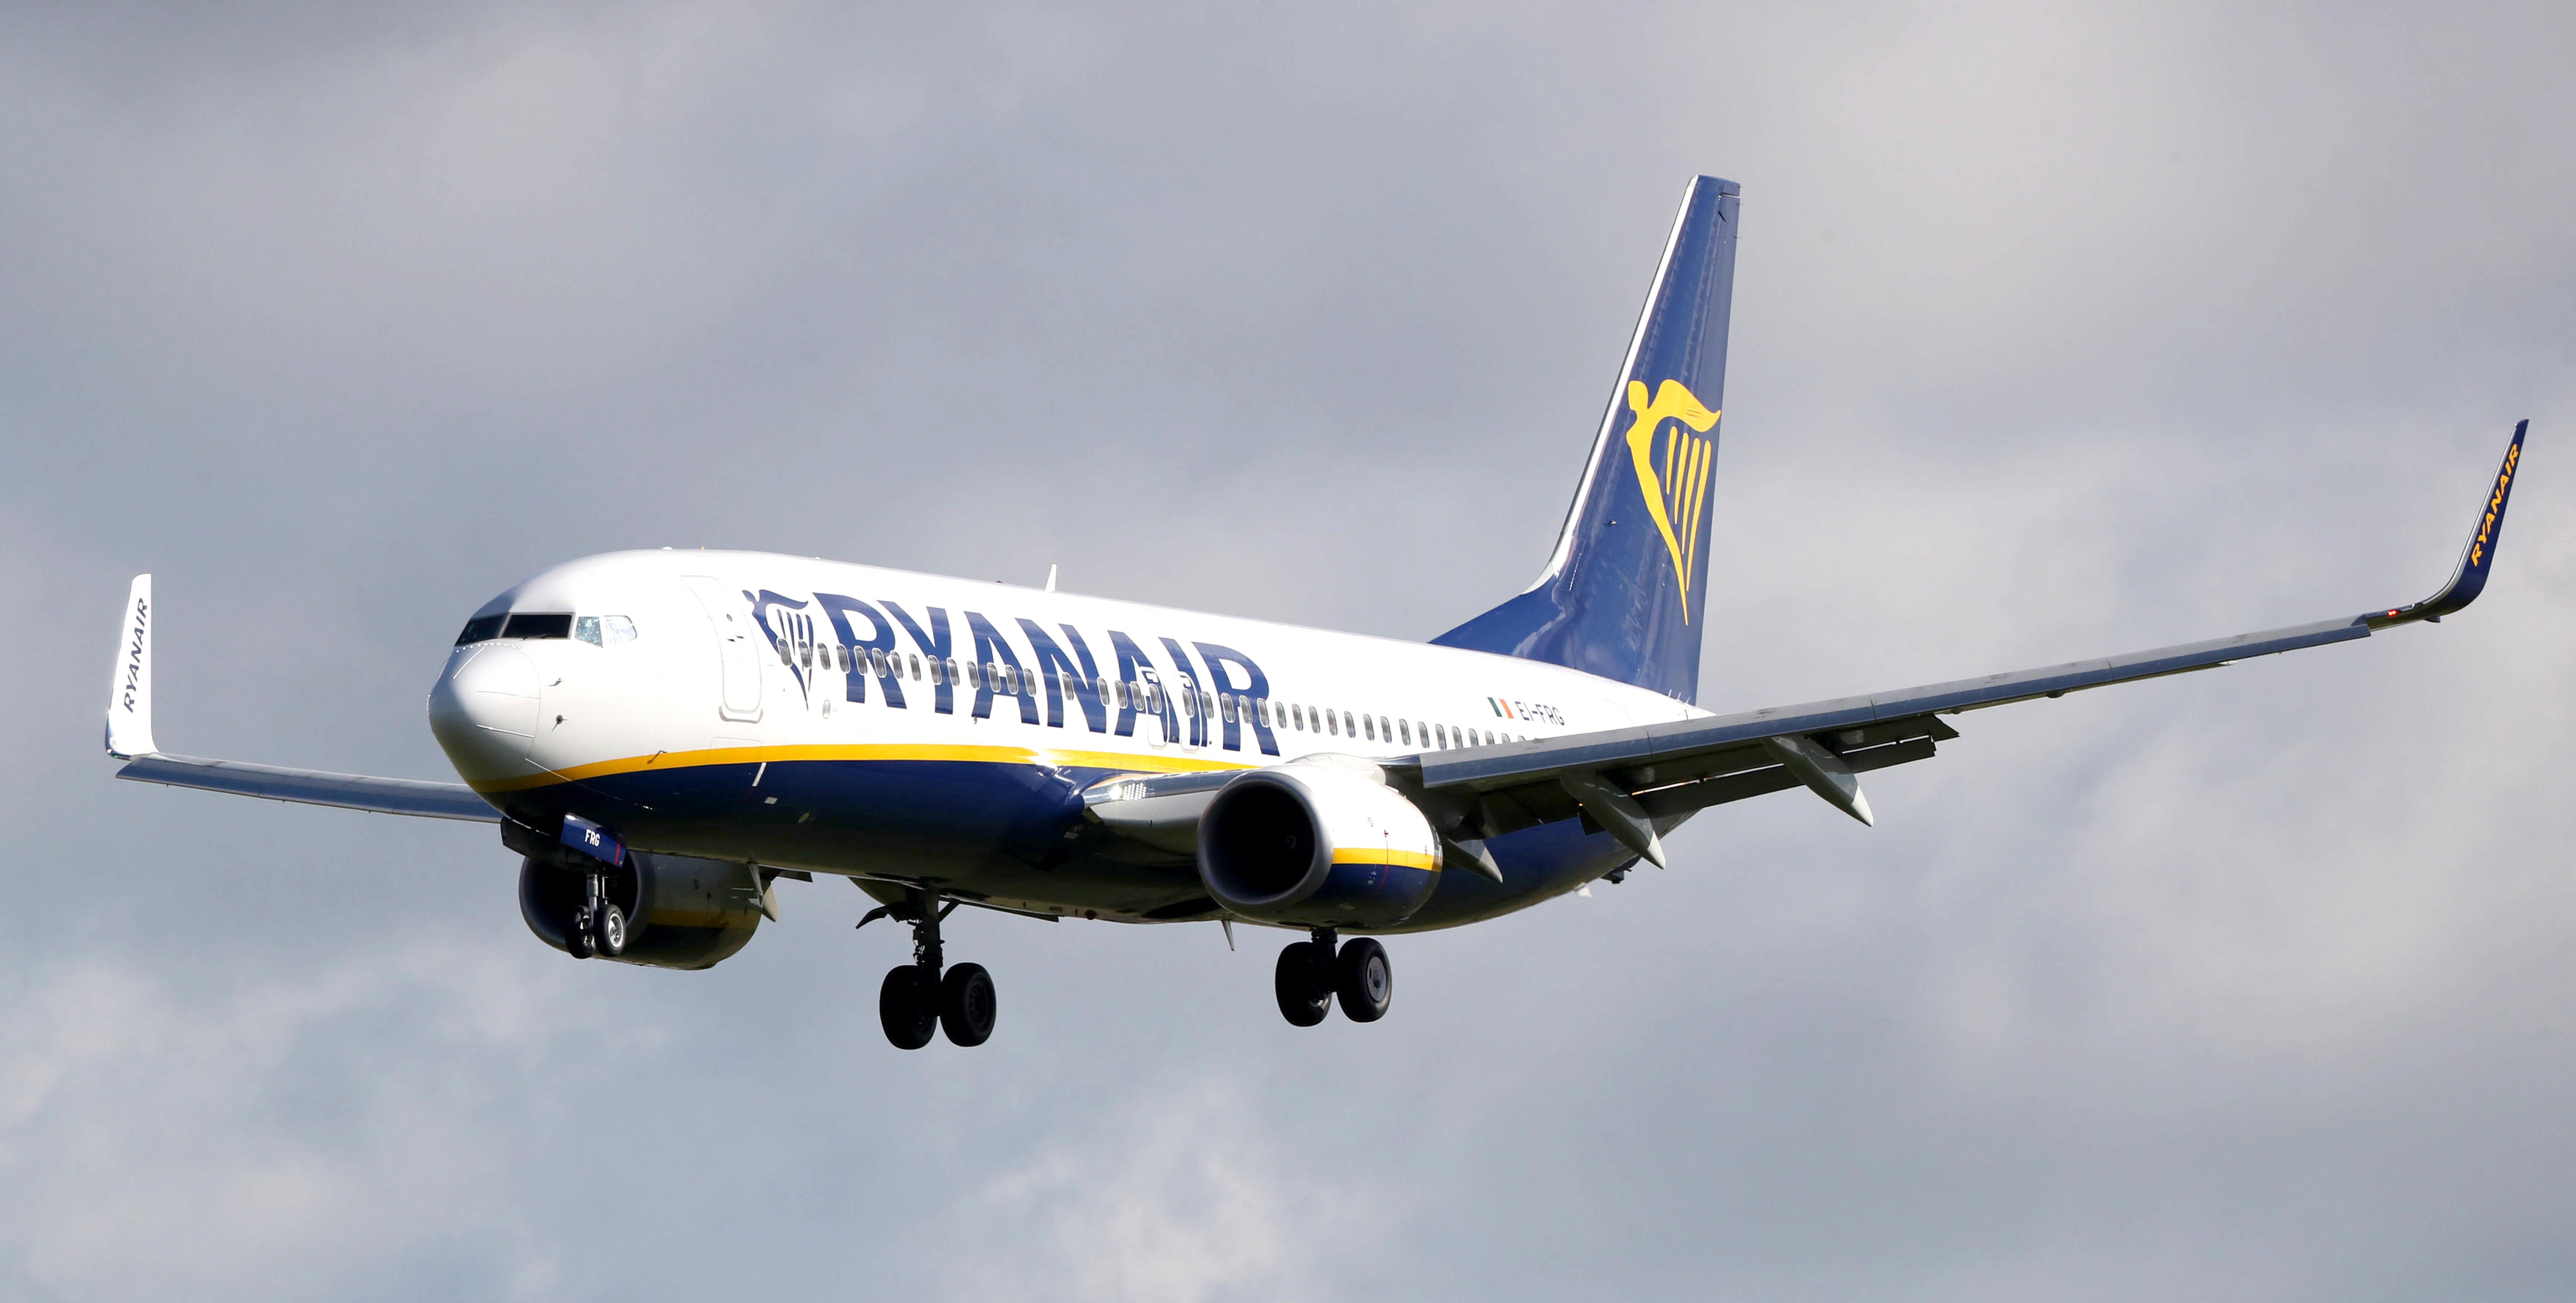 Главы стран ЕС на саммите 24 мая обсудят инцидент с посадкой самолёта Ryanair в Минске